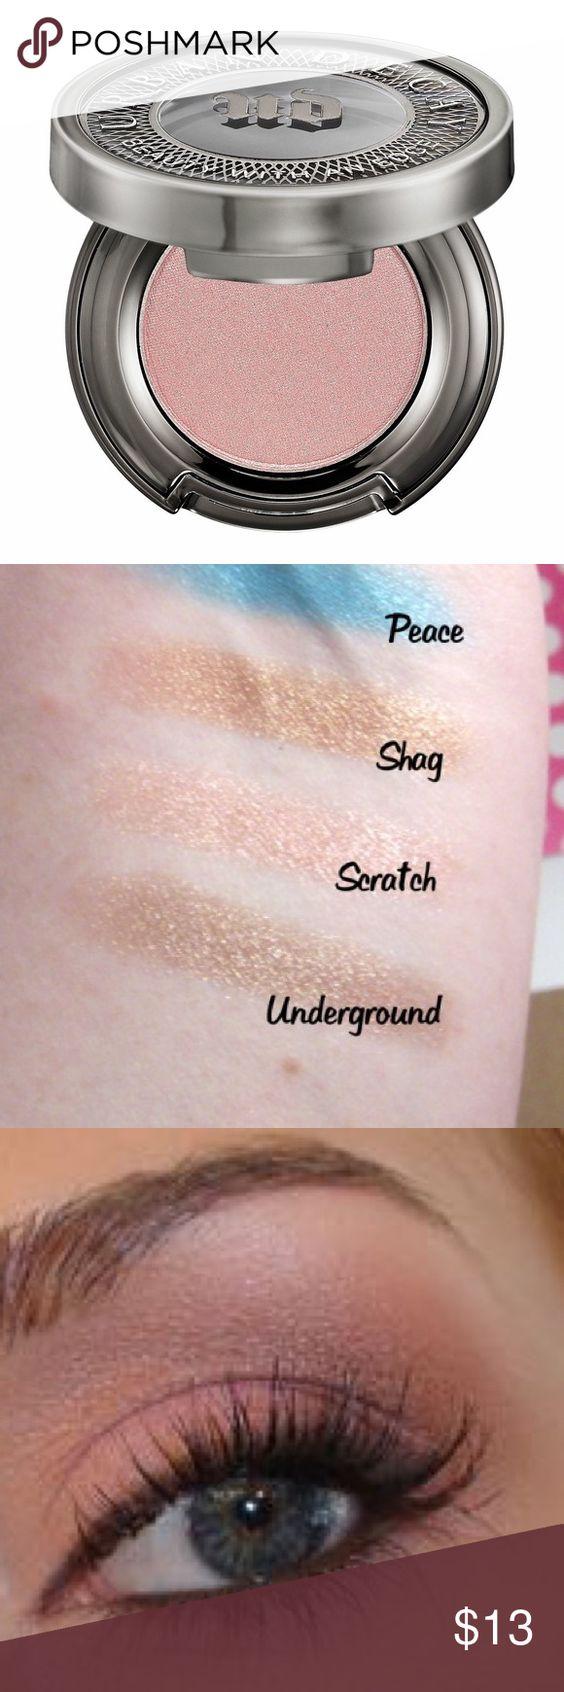 """NEW urban decay eyeshadow """"scratch"""" New urban eyeshadow full size scratch rose gold shimmer. Urban Decay Makeup Eyeshadow"""